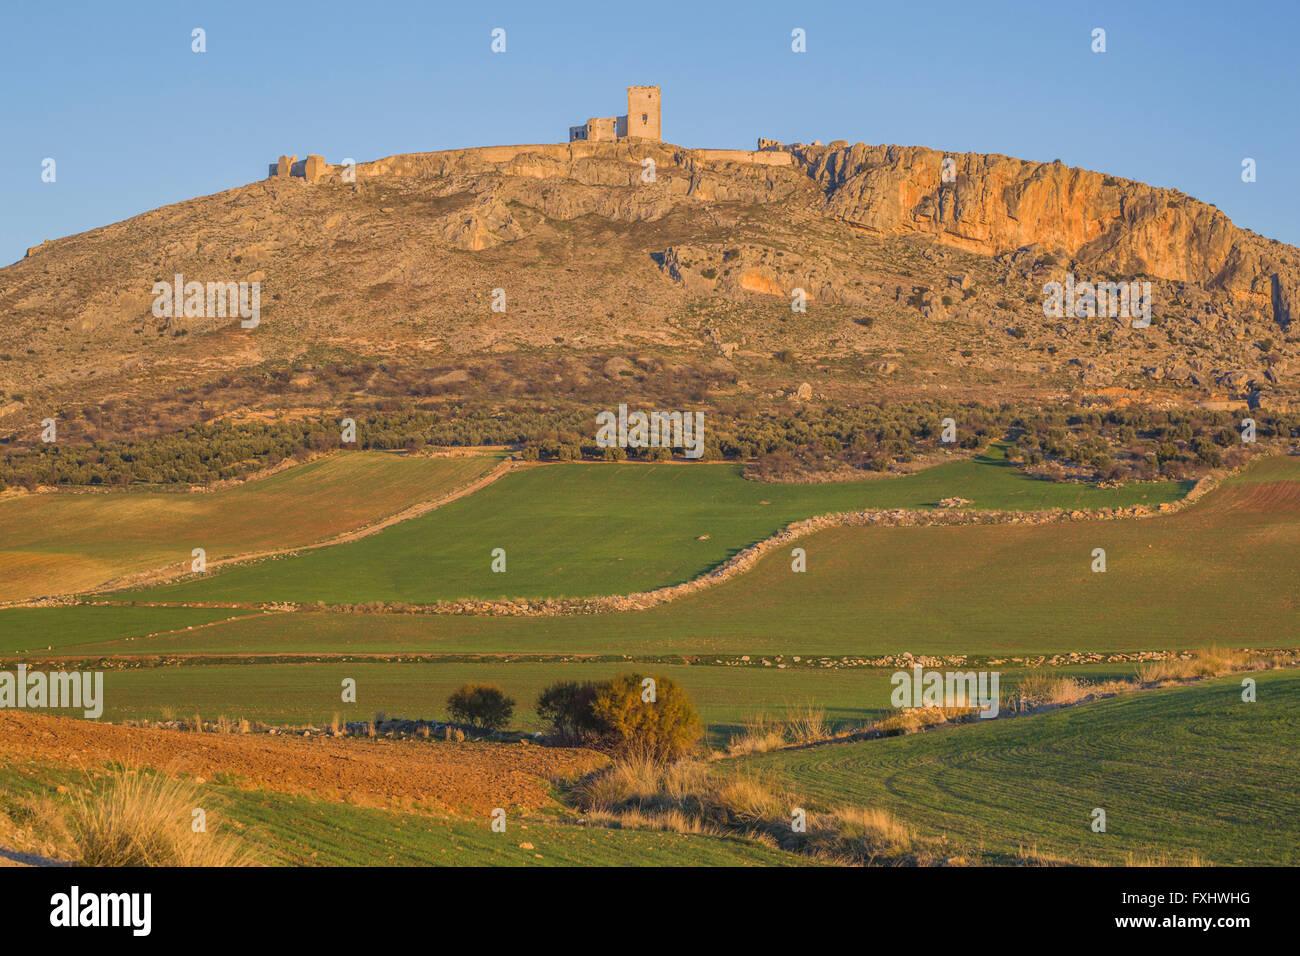 Teba, provincia di Malaga, Andalusia, Spagna meridionale. Castello di stella. Castillo de la Estrella. Immagini Stock